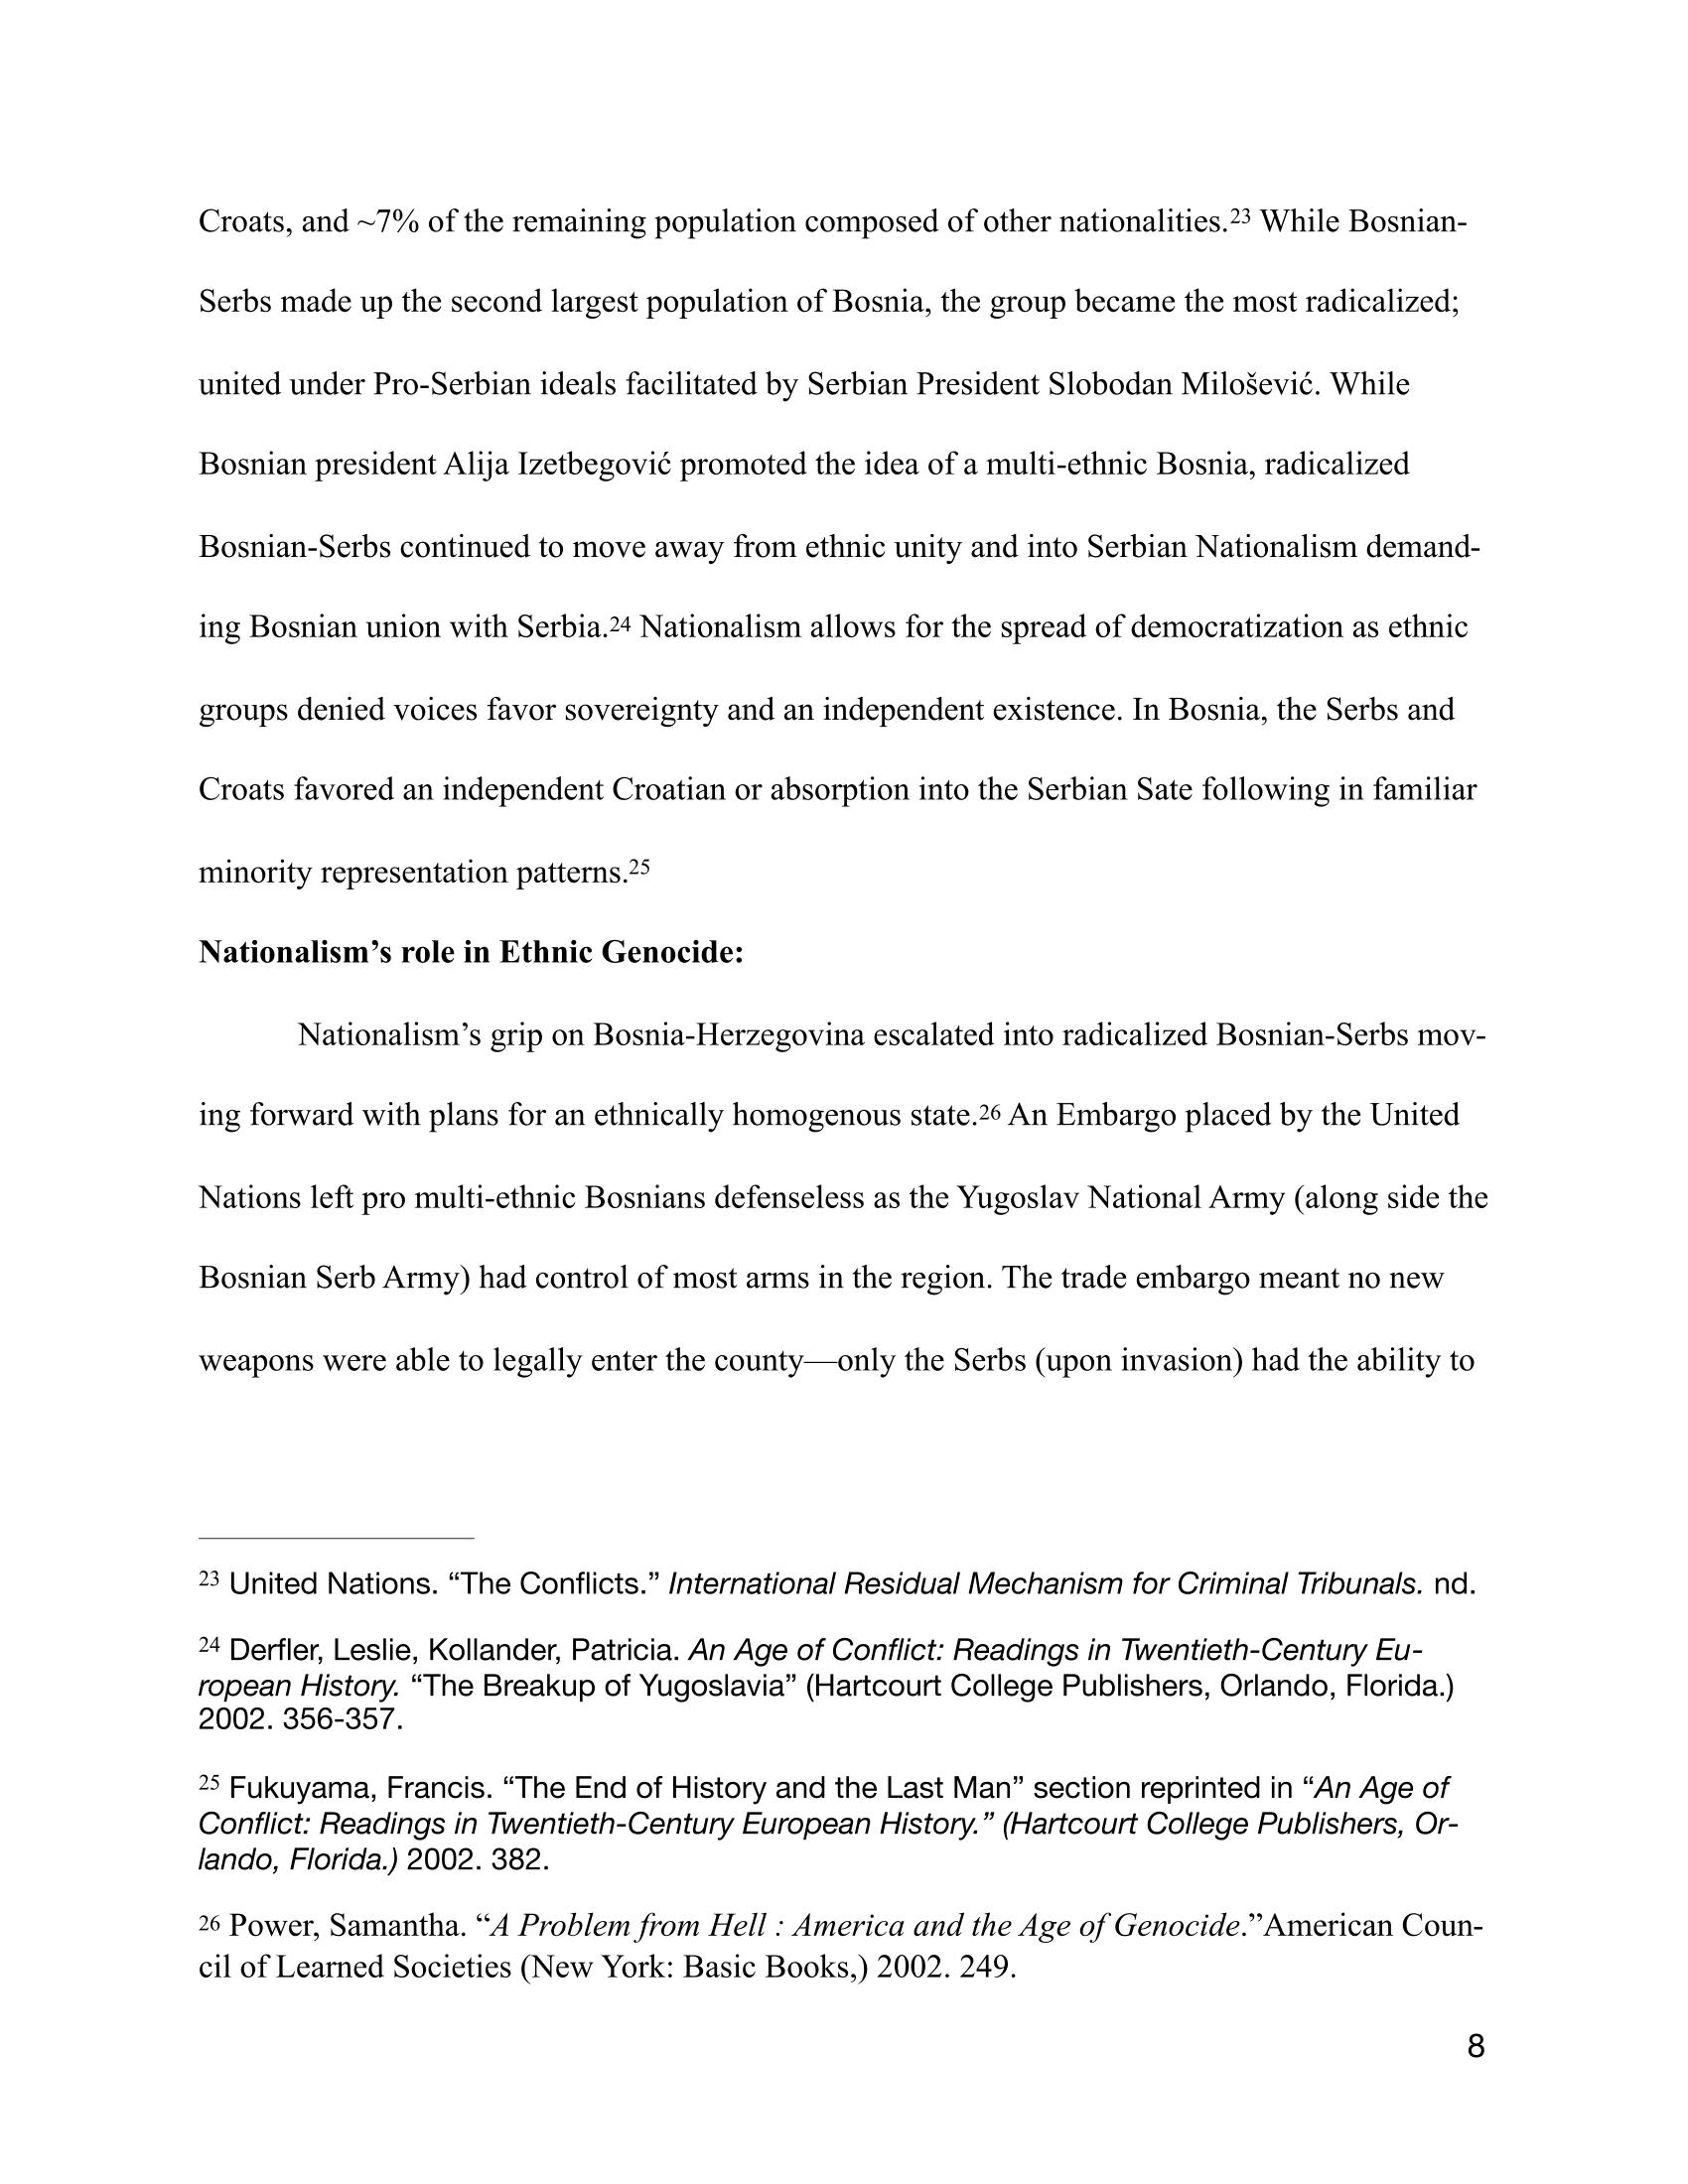 Yugoslavia_Final-Draft_Milner_pdf-08.png